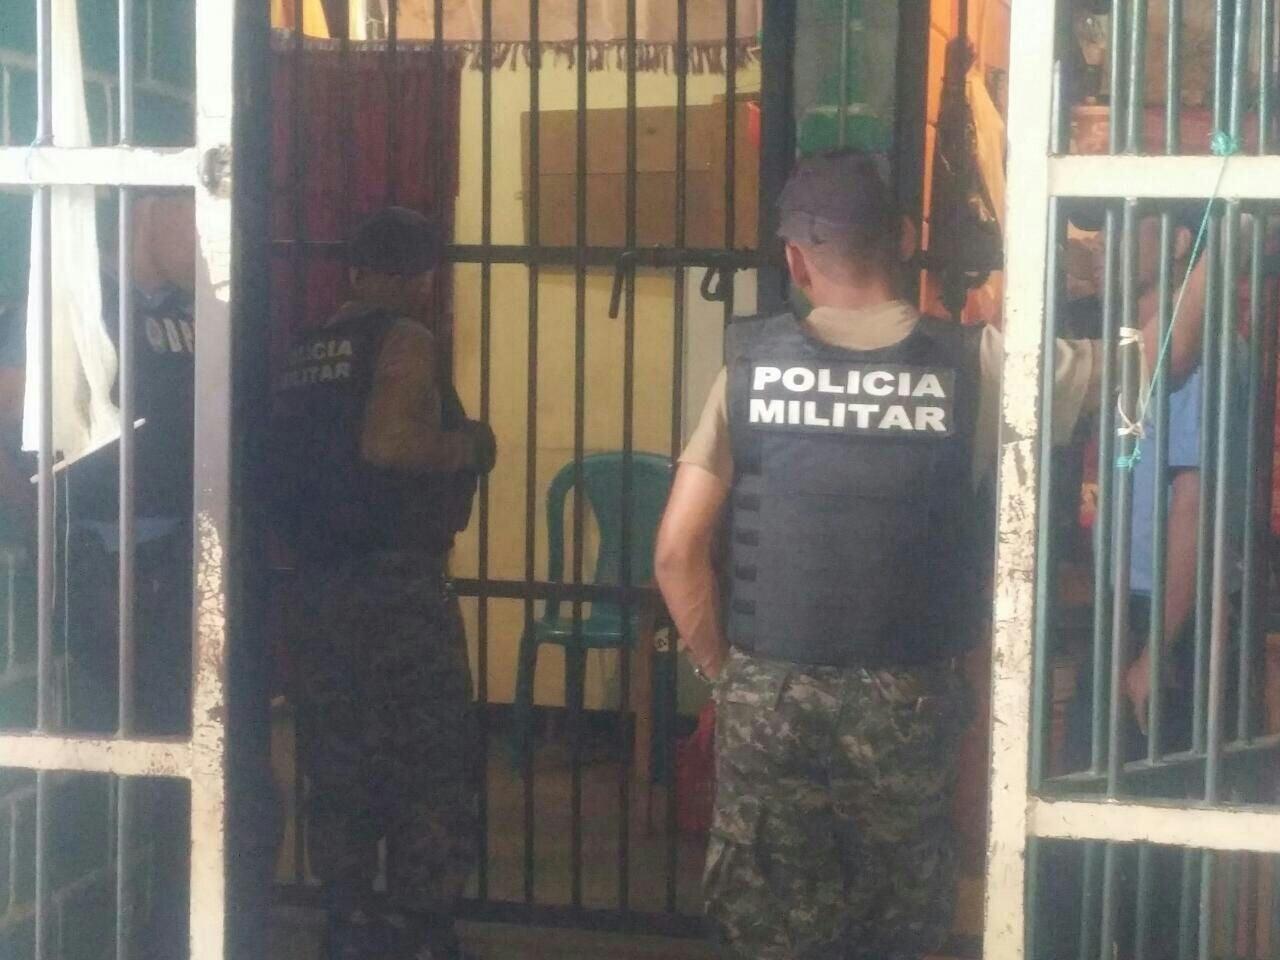 centro penal